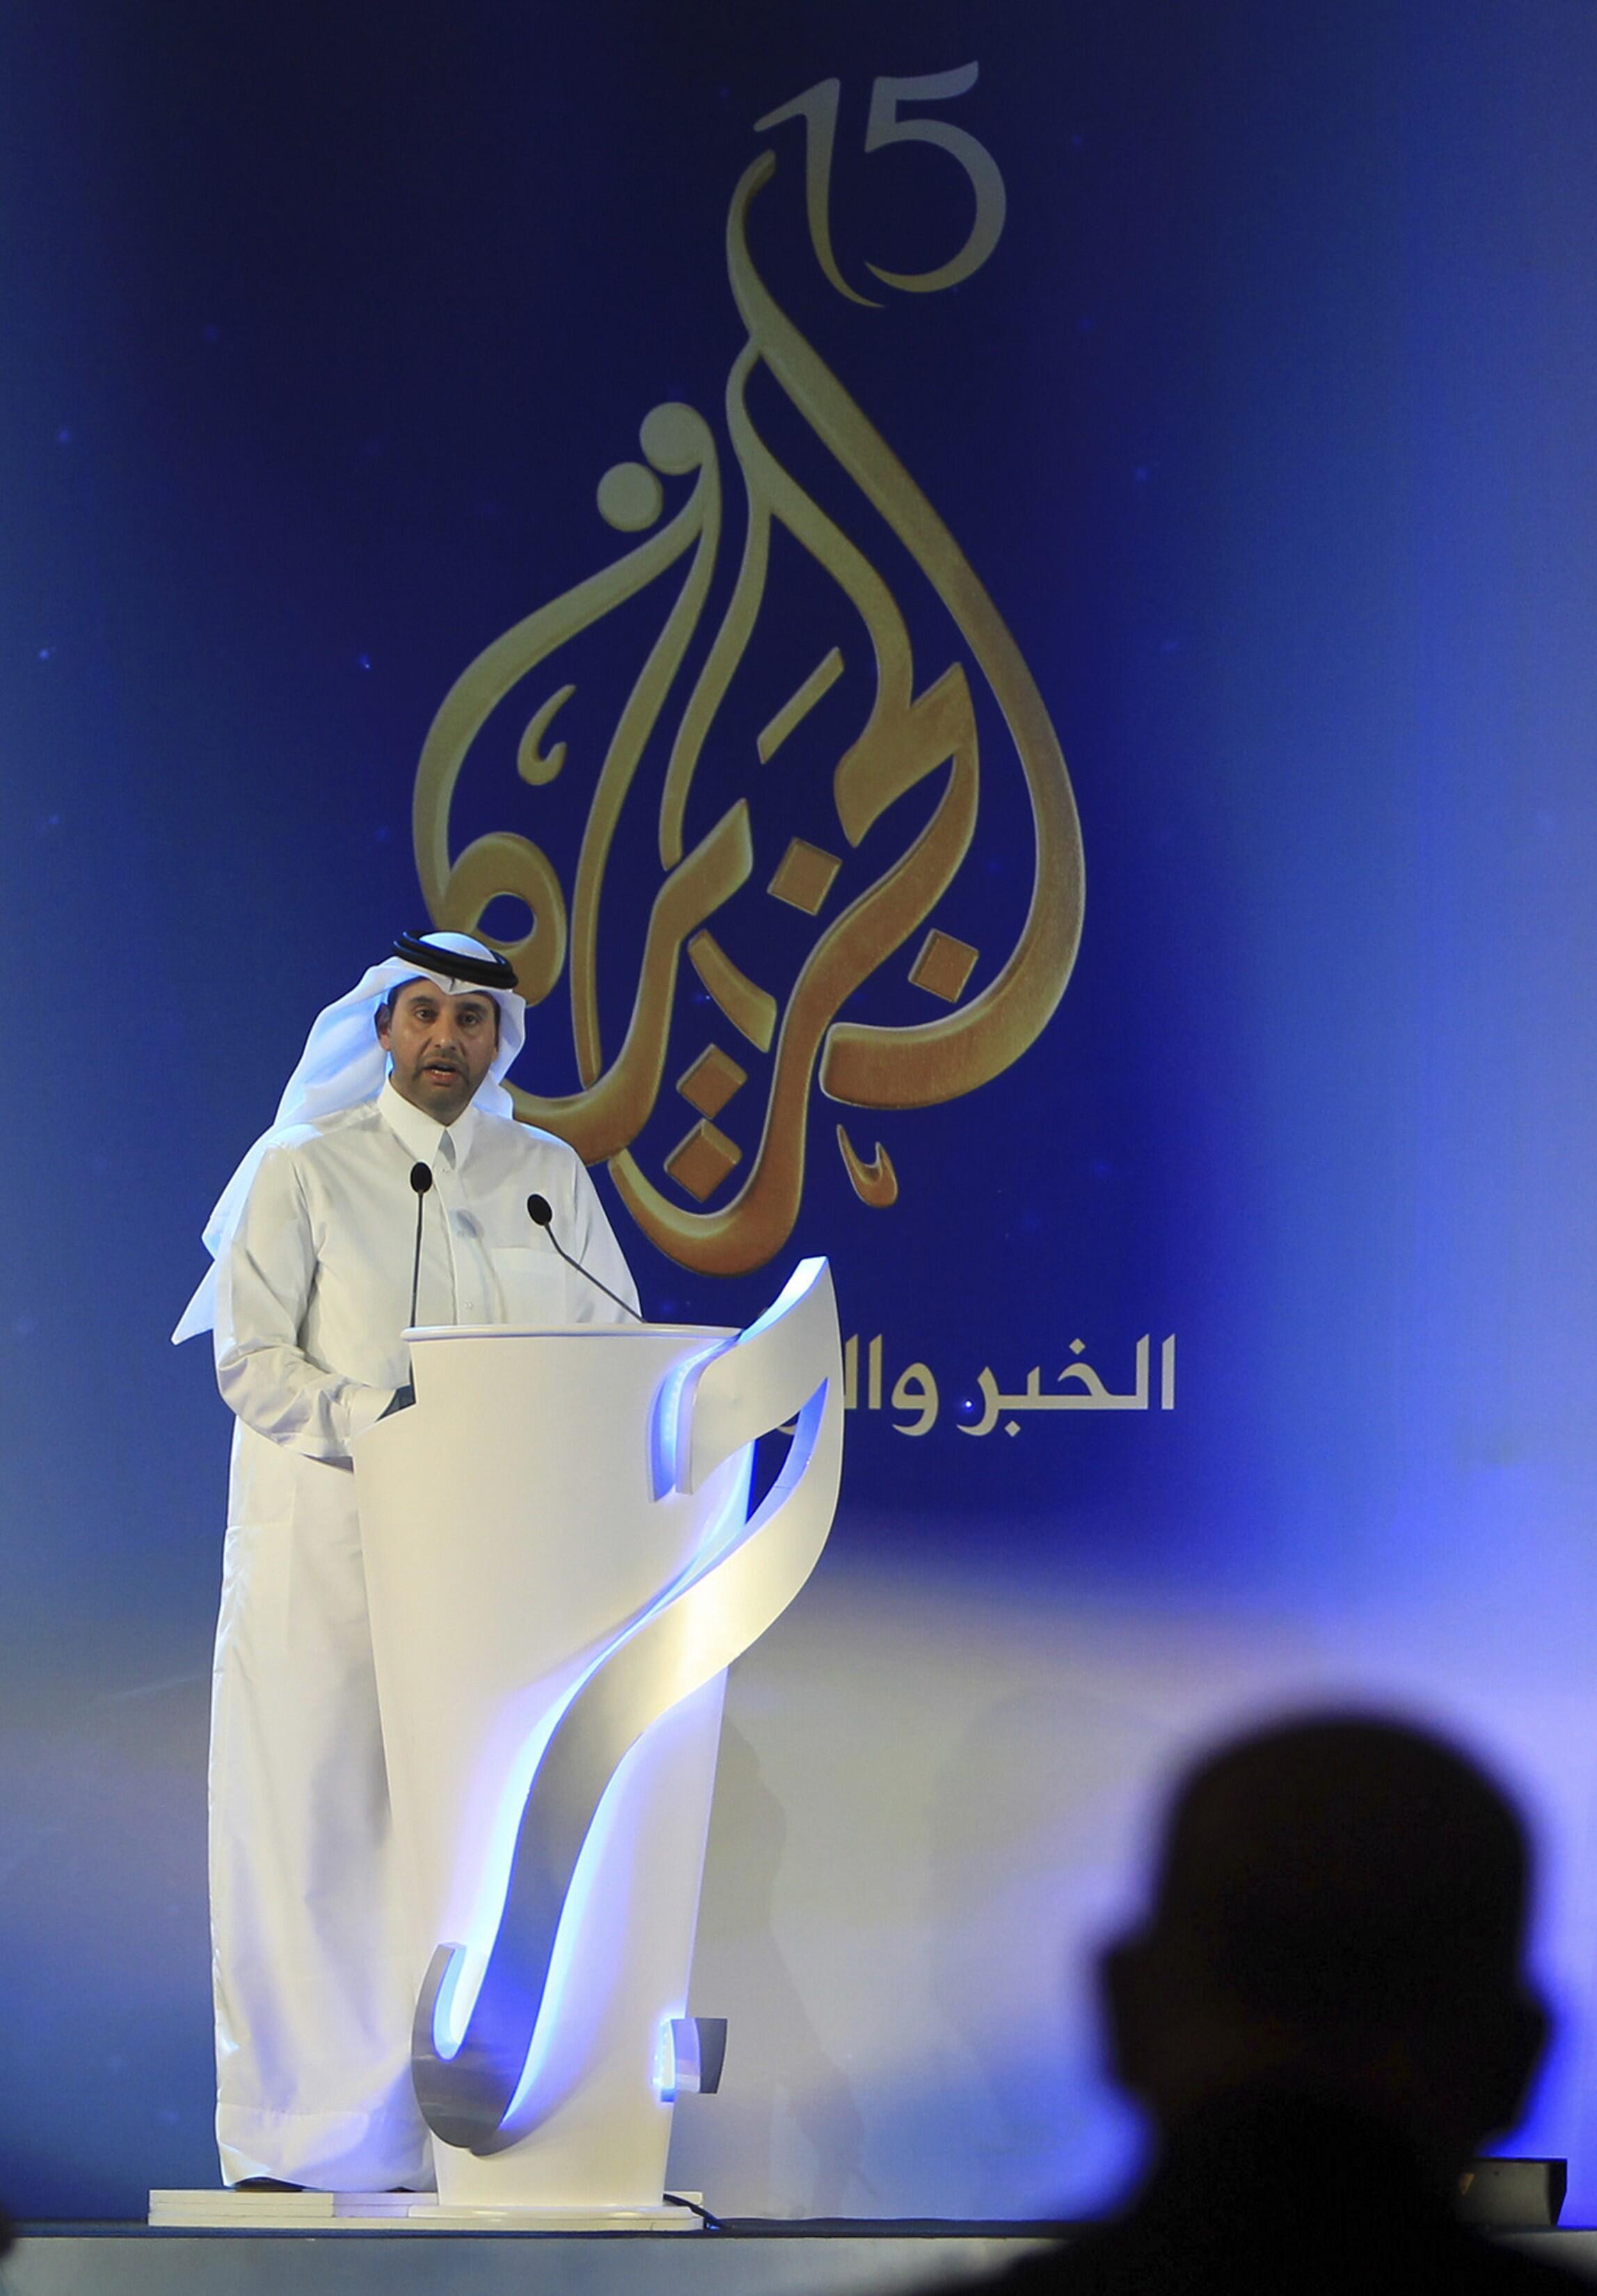 Le nouveau directeur de la chaîne de télévision Al-Jazira, Sheikh Ahmed Bin Jassem Al-Thani, lors d'un discours à l'occasion du 15e anniversaire de la chaine de télévision qatarie, le 1er novembre 2011 à Doha.